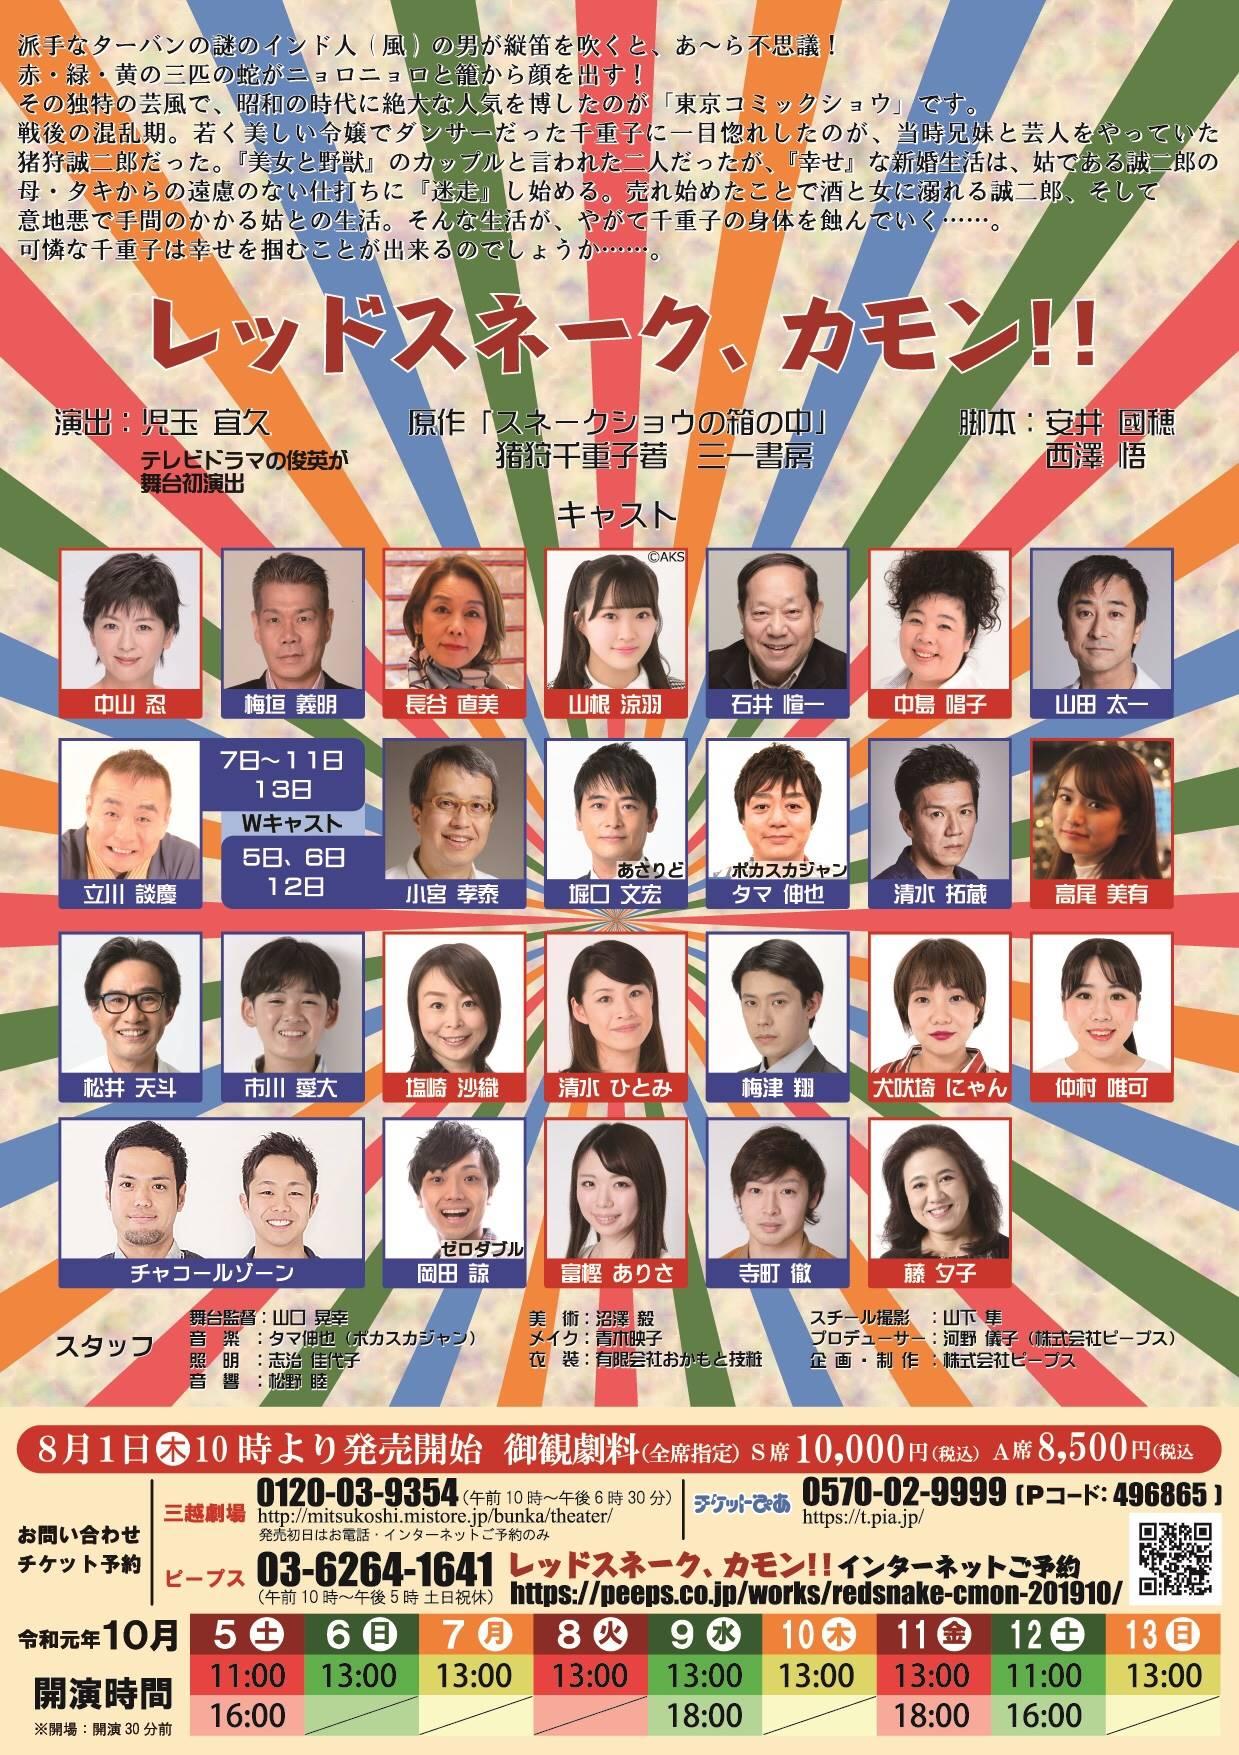 【犬吠埼にゃん・仲村唯可出演】舞台「レッドスネーク、カモン!!」情報